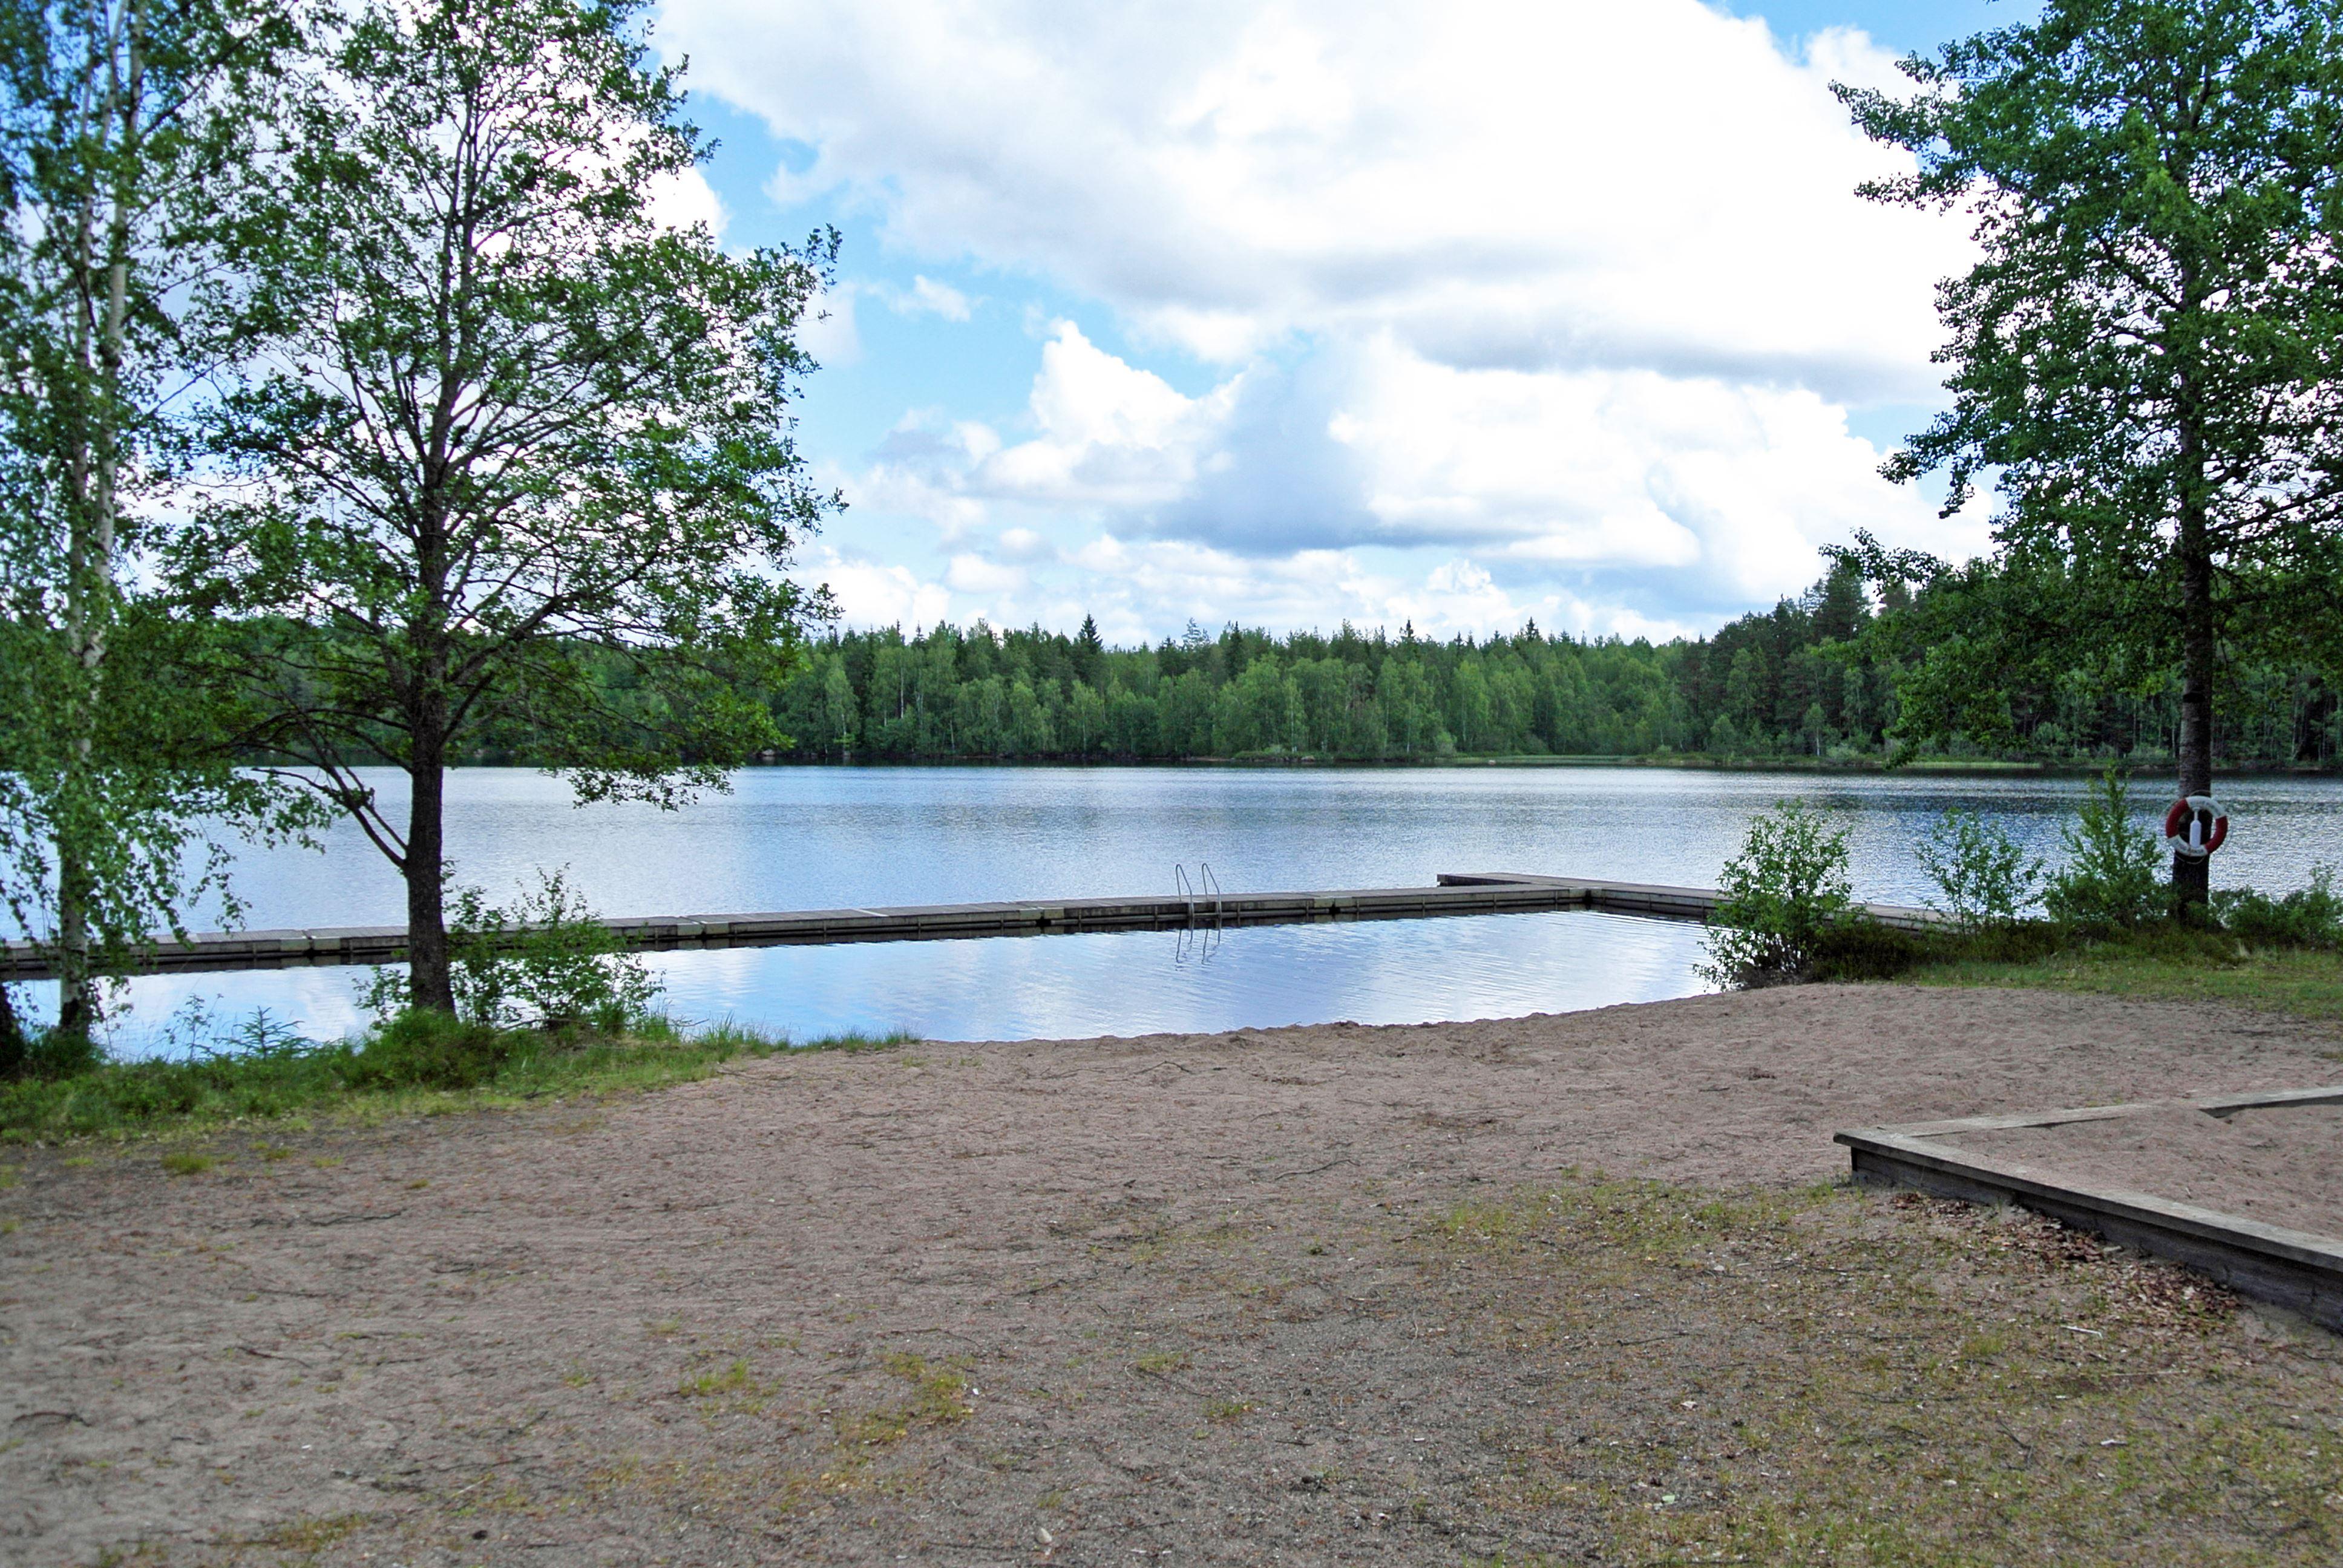 Orranäsasjön